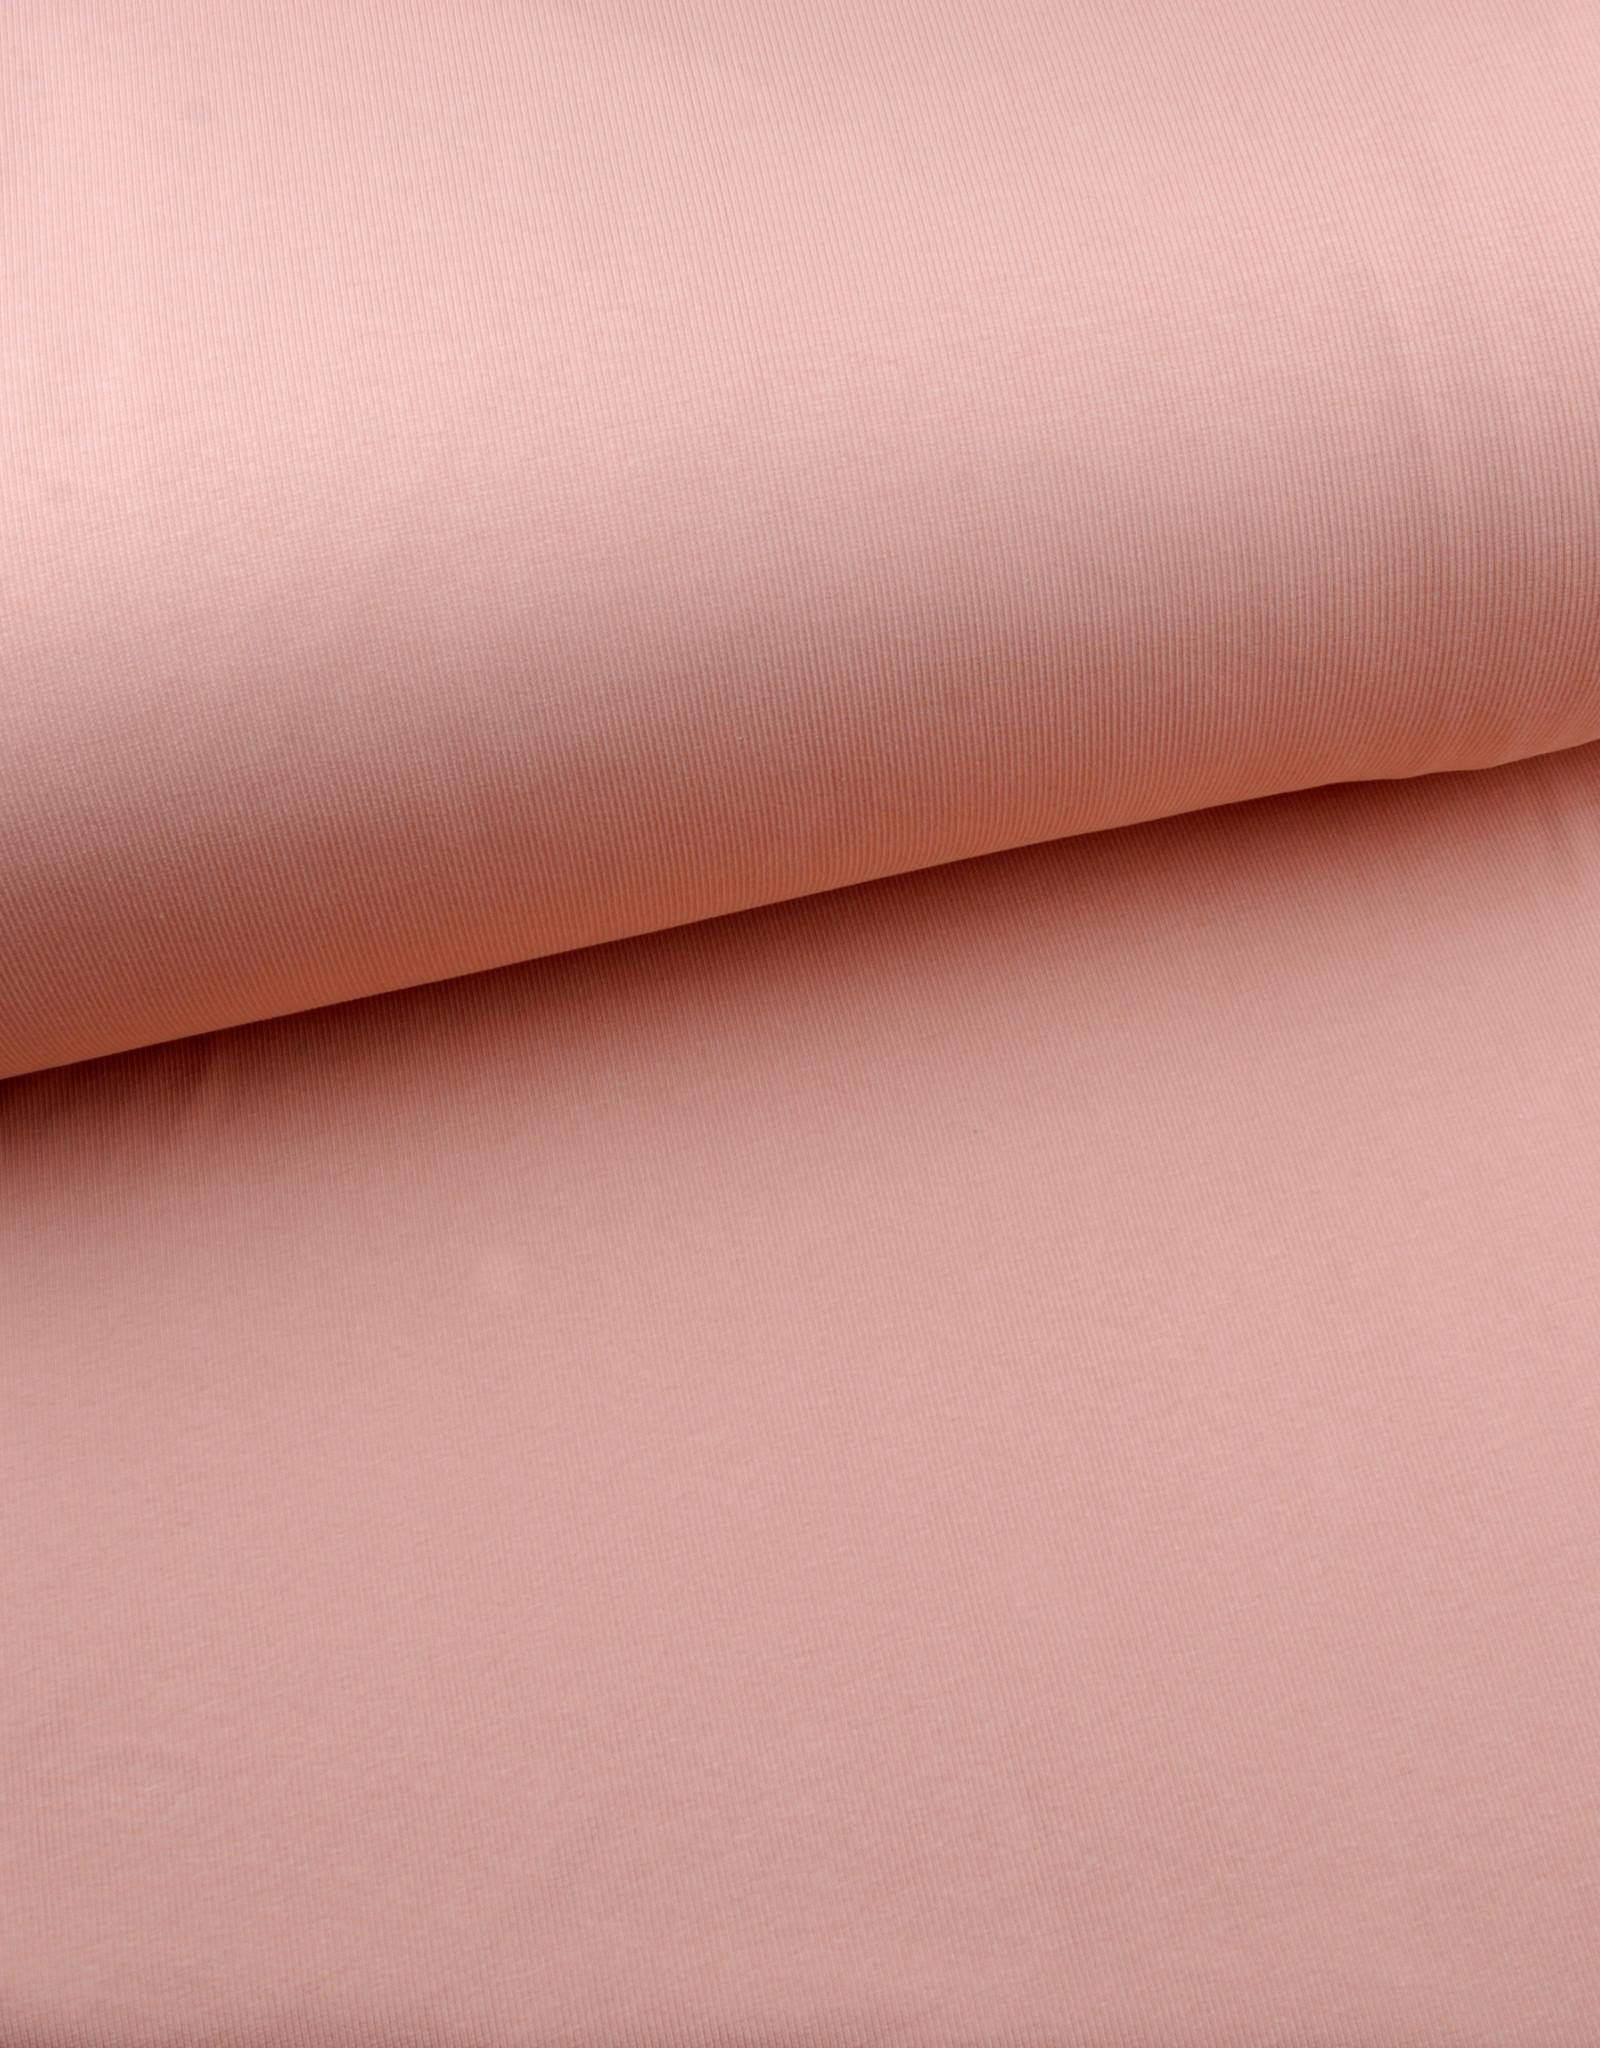 Eva Mouton Boordstof eva mouton zand roze